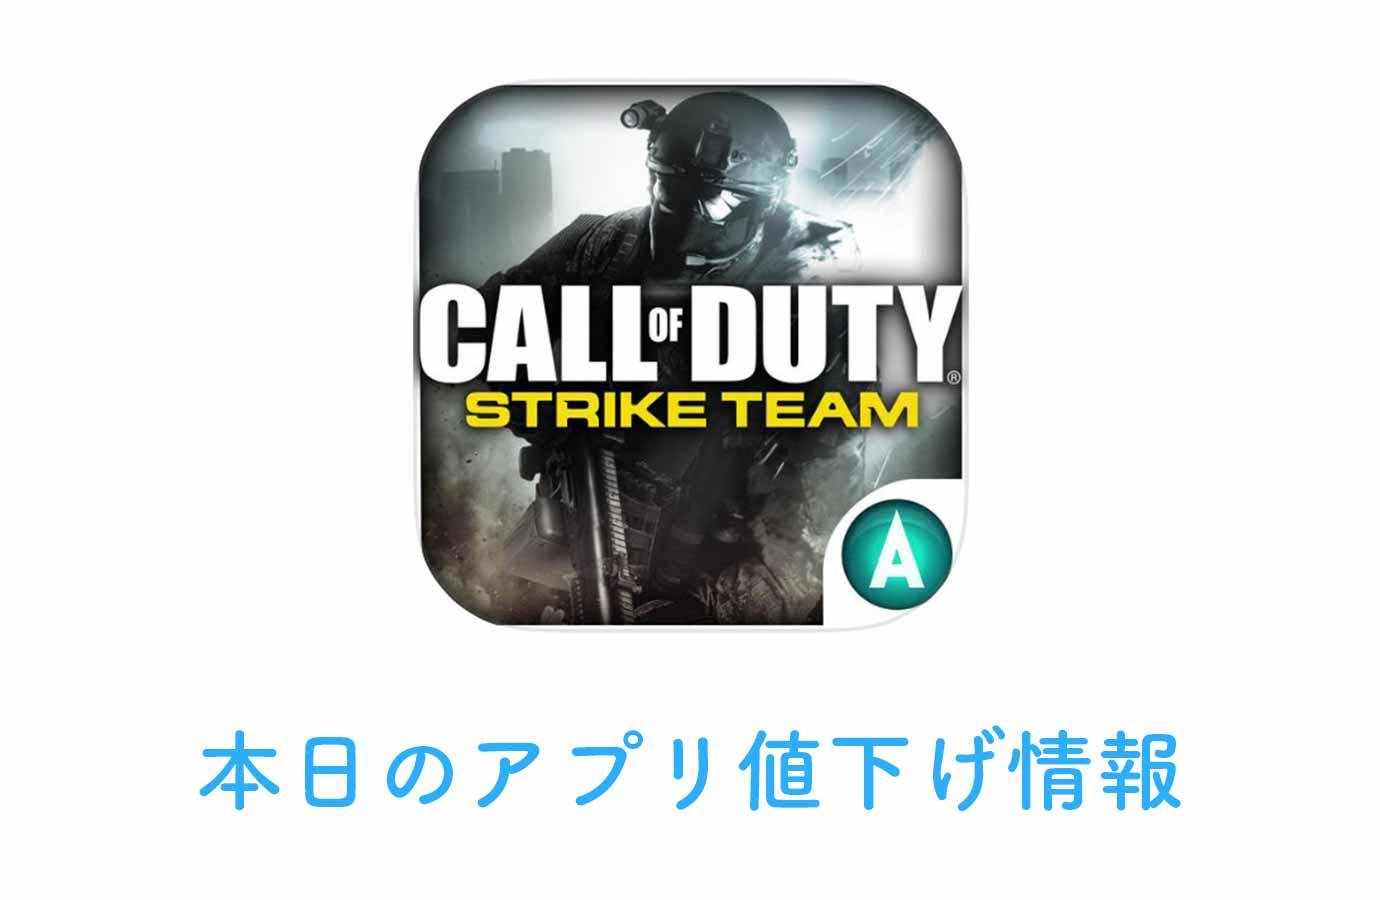 840円→240円!人気FPSシリーズ「Call of Duty: Strike Team」など【11/11】アプリ値下げ情報